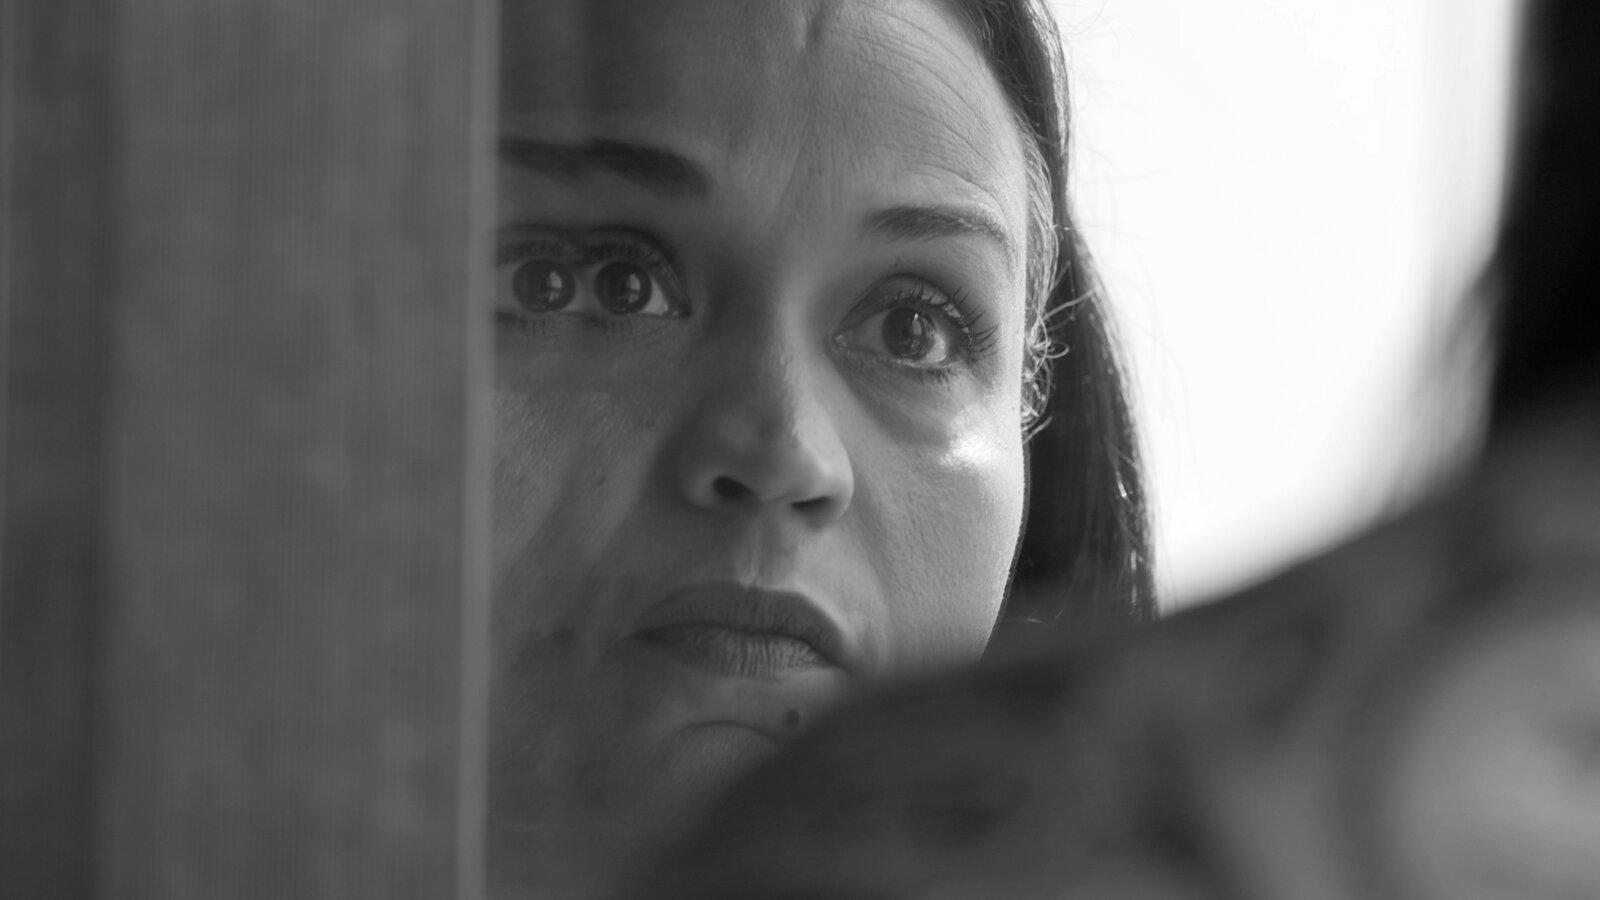 Cena do documentário Time. A imagem apresenta apenas o rosto de Fox Rich, principal personagem do filme, através de um espelho. Ela está se observando, com uma expressão alerta e séria. Ela é uma mulher negra, usa maquiagem no contorno dos olhos e seus cabelos estão alisados. No lado esquerdo da imagem, a moldura do espelho corta o reflexo de seu rosto. A imagem está em preto e branco.